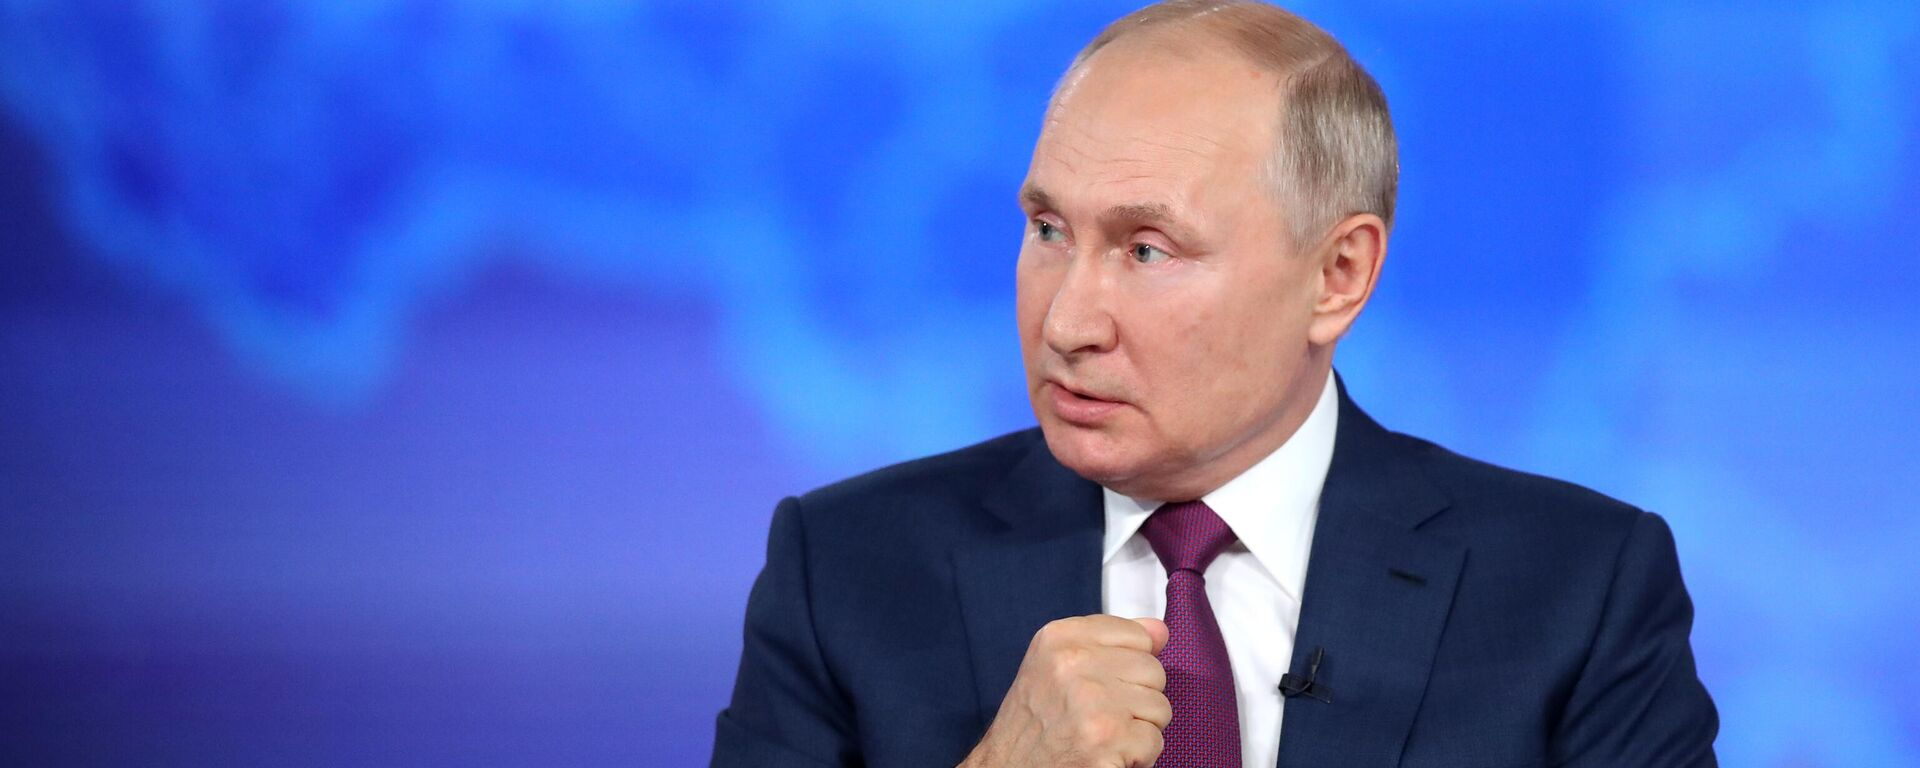 Прямая линия с президентом РФ Владимиром Путиным - Sputnik Latvija, 1920, 01.09.2021